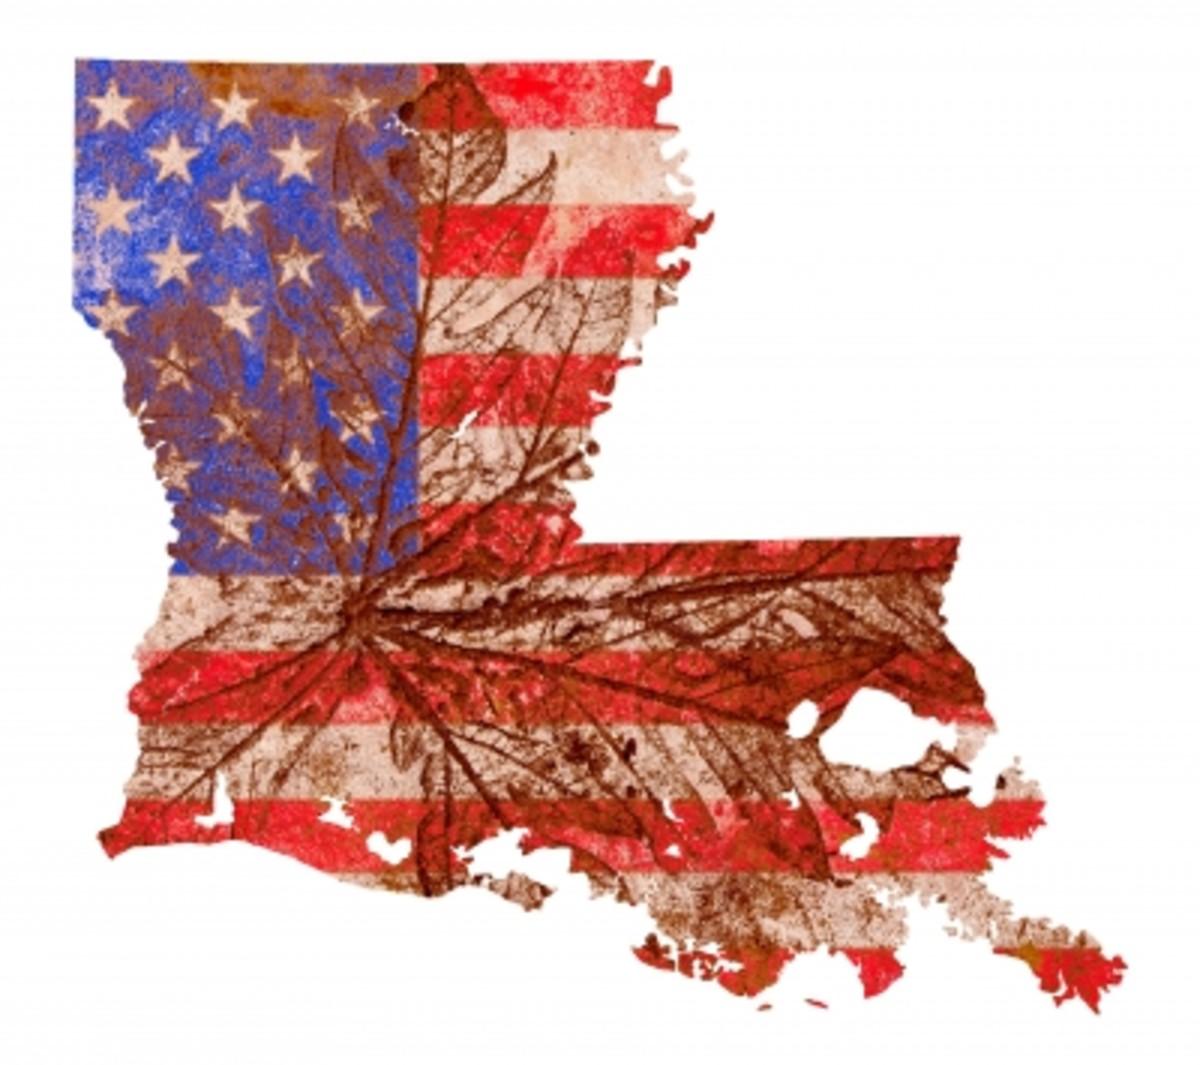 Louisiana boasts a mixed and vibrant population.